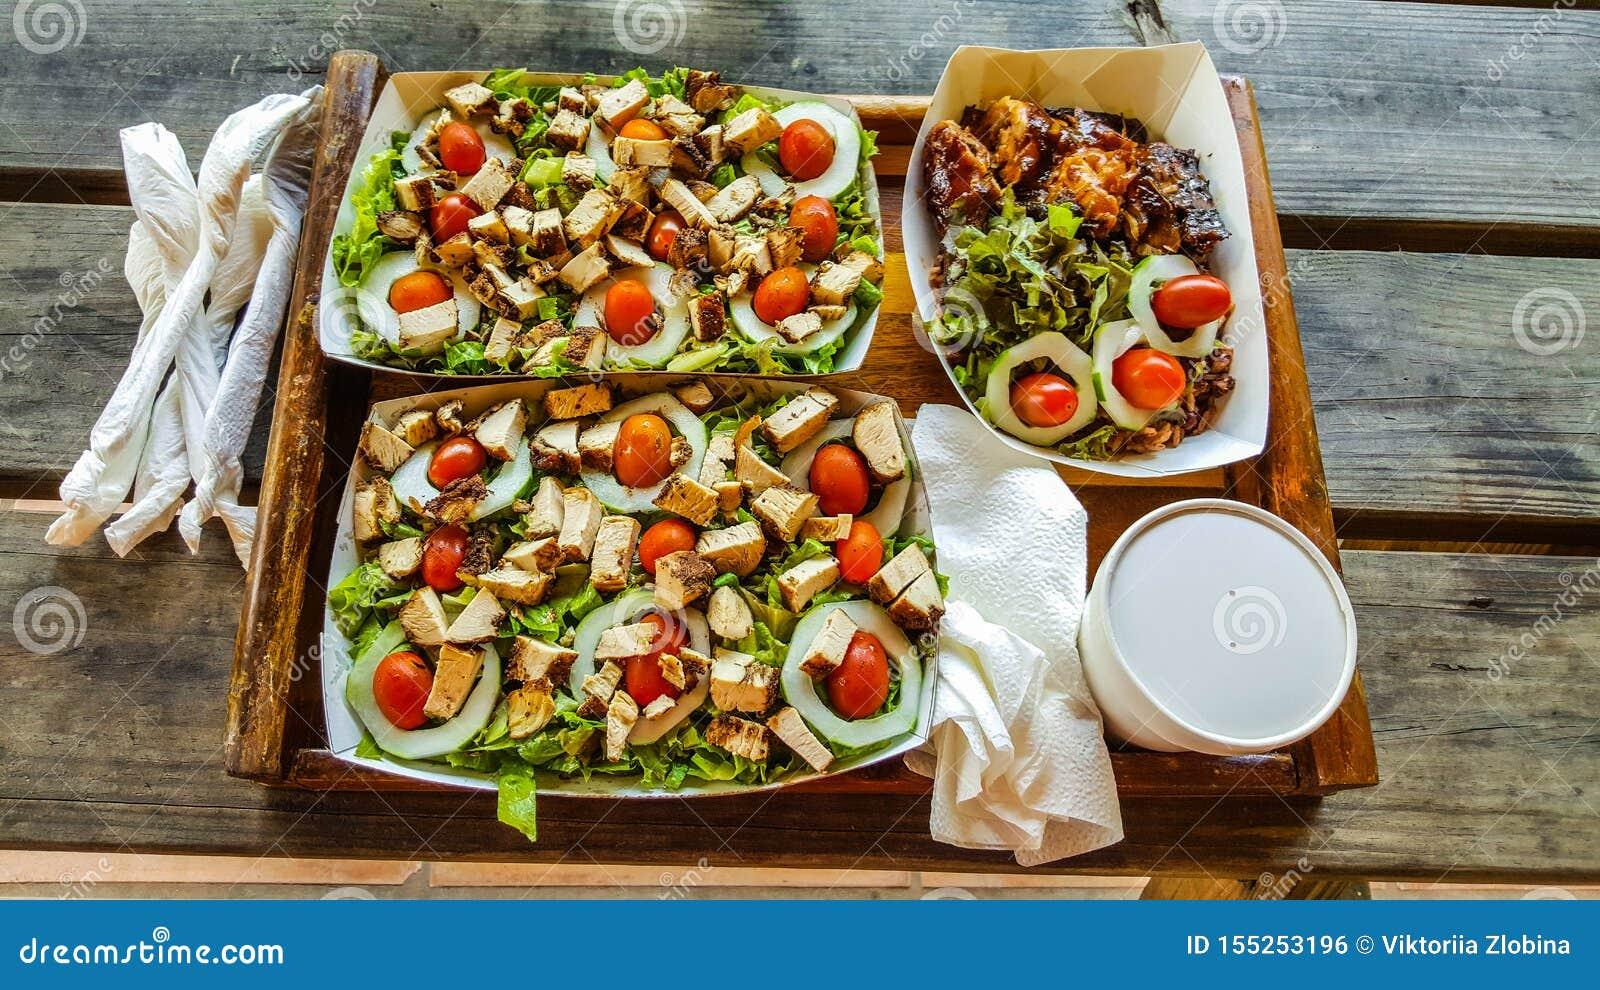 Jamaican Food Jerk Chicken Salad Stock Photo Image Of Chicken Jerk 155253196